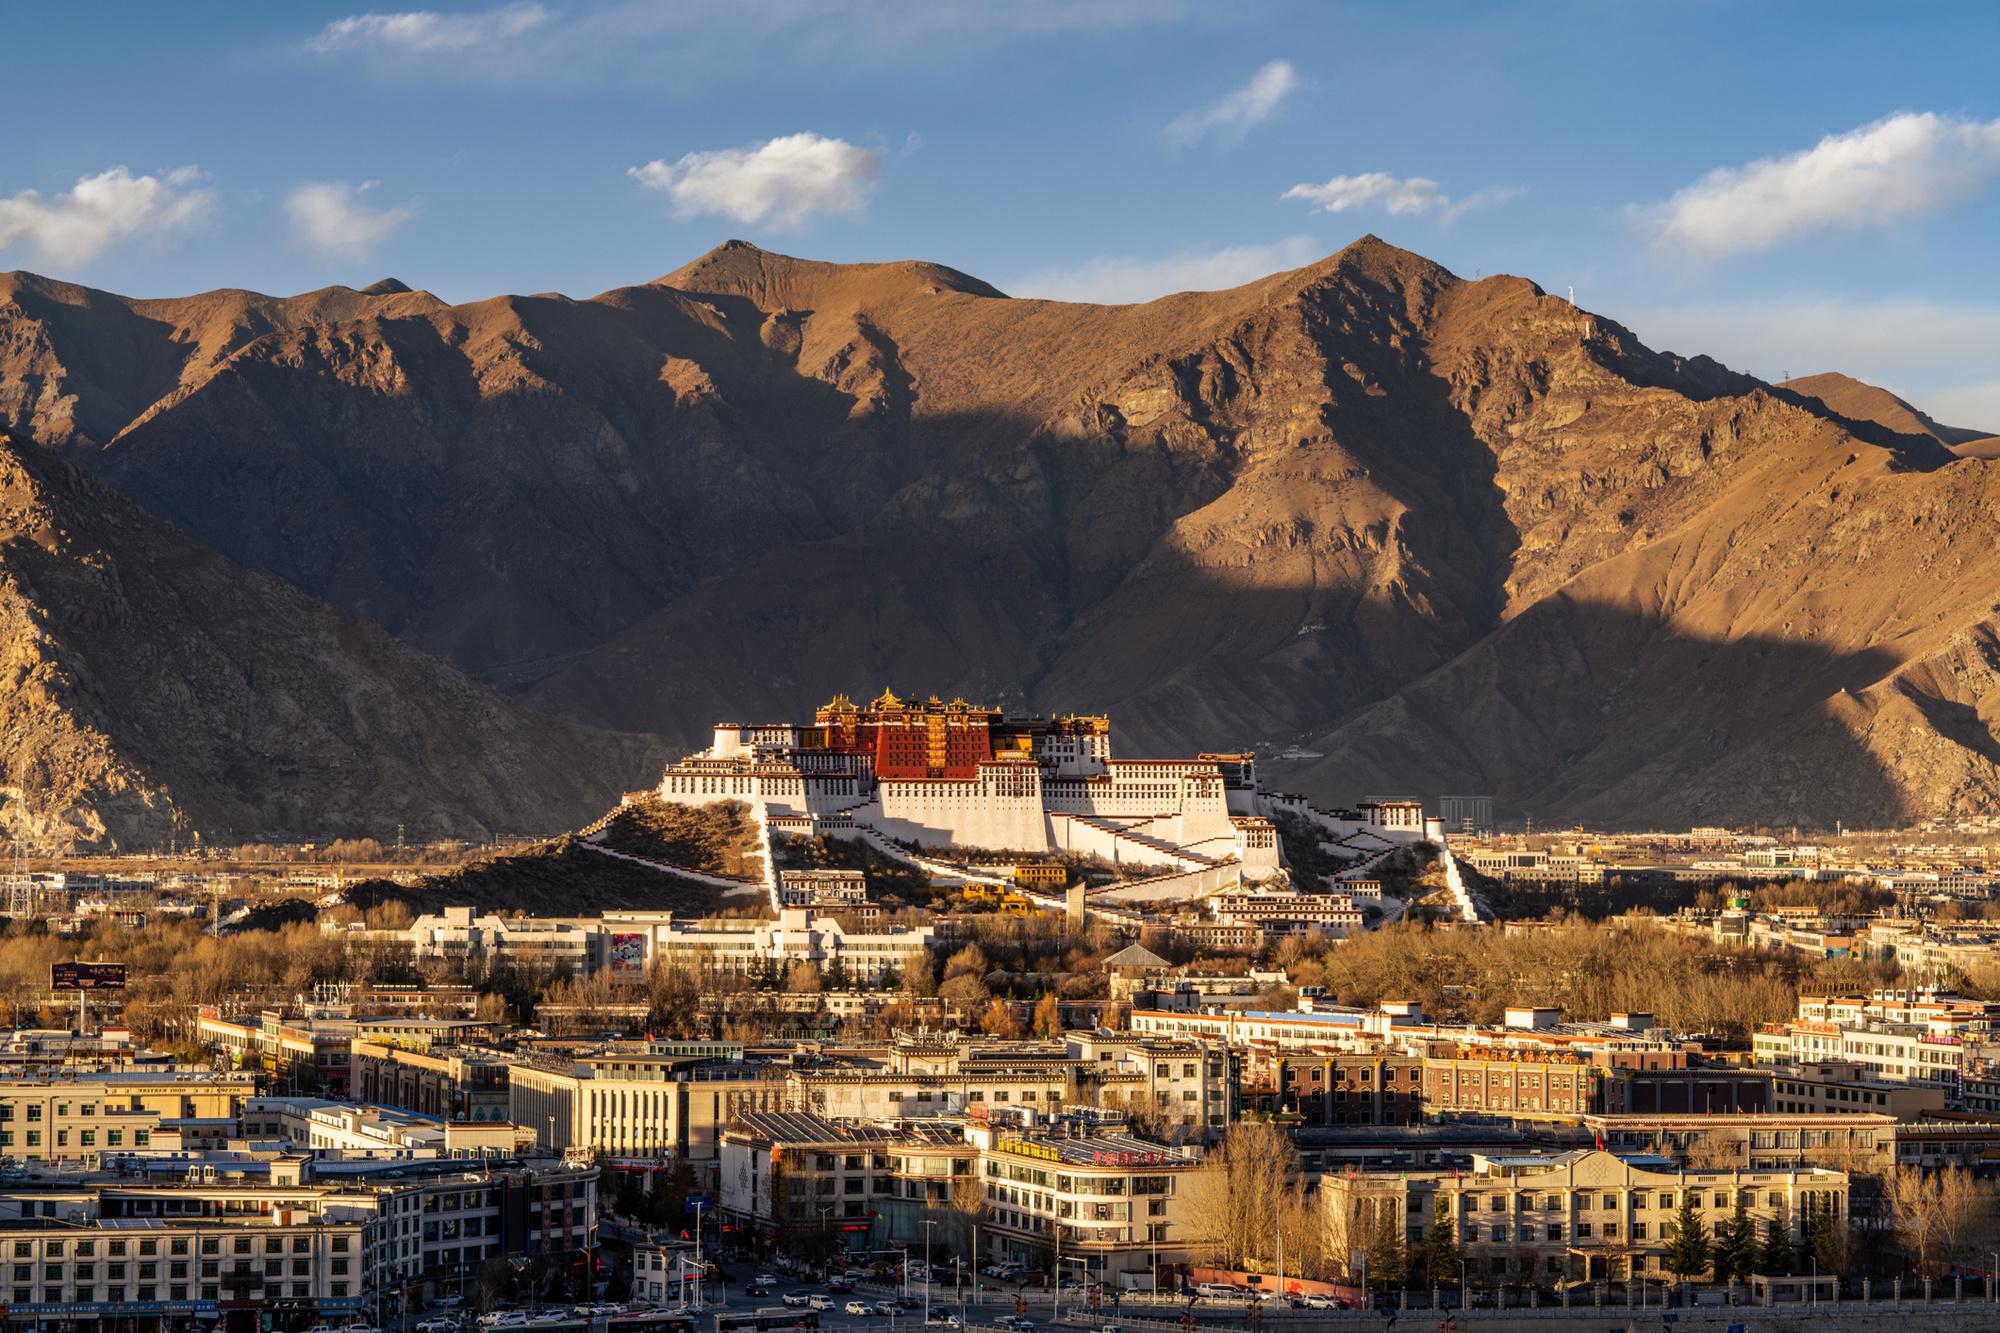 De verboden stad Lhasa, waar ze in totaal zo'n twee maanden doorbracht voor ze ontdekt werd., Getty Images